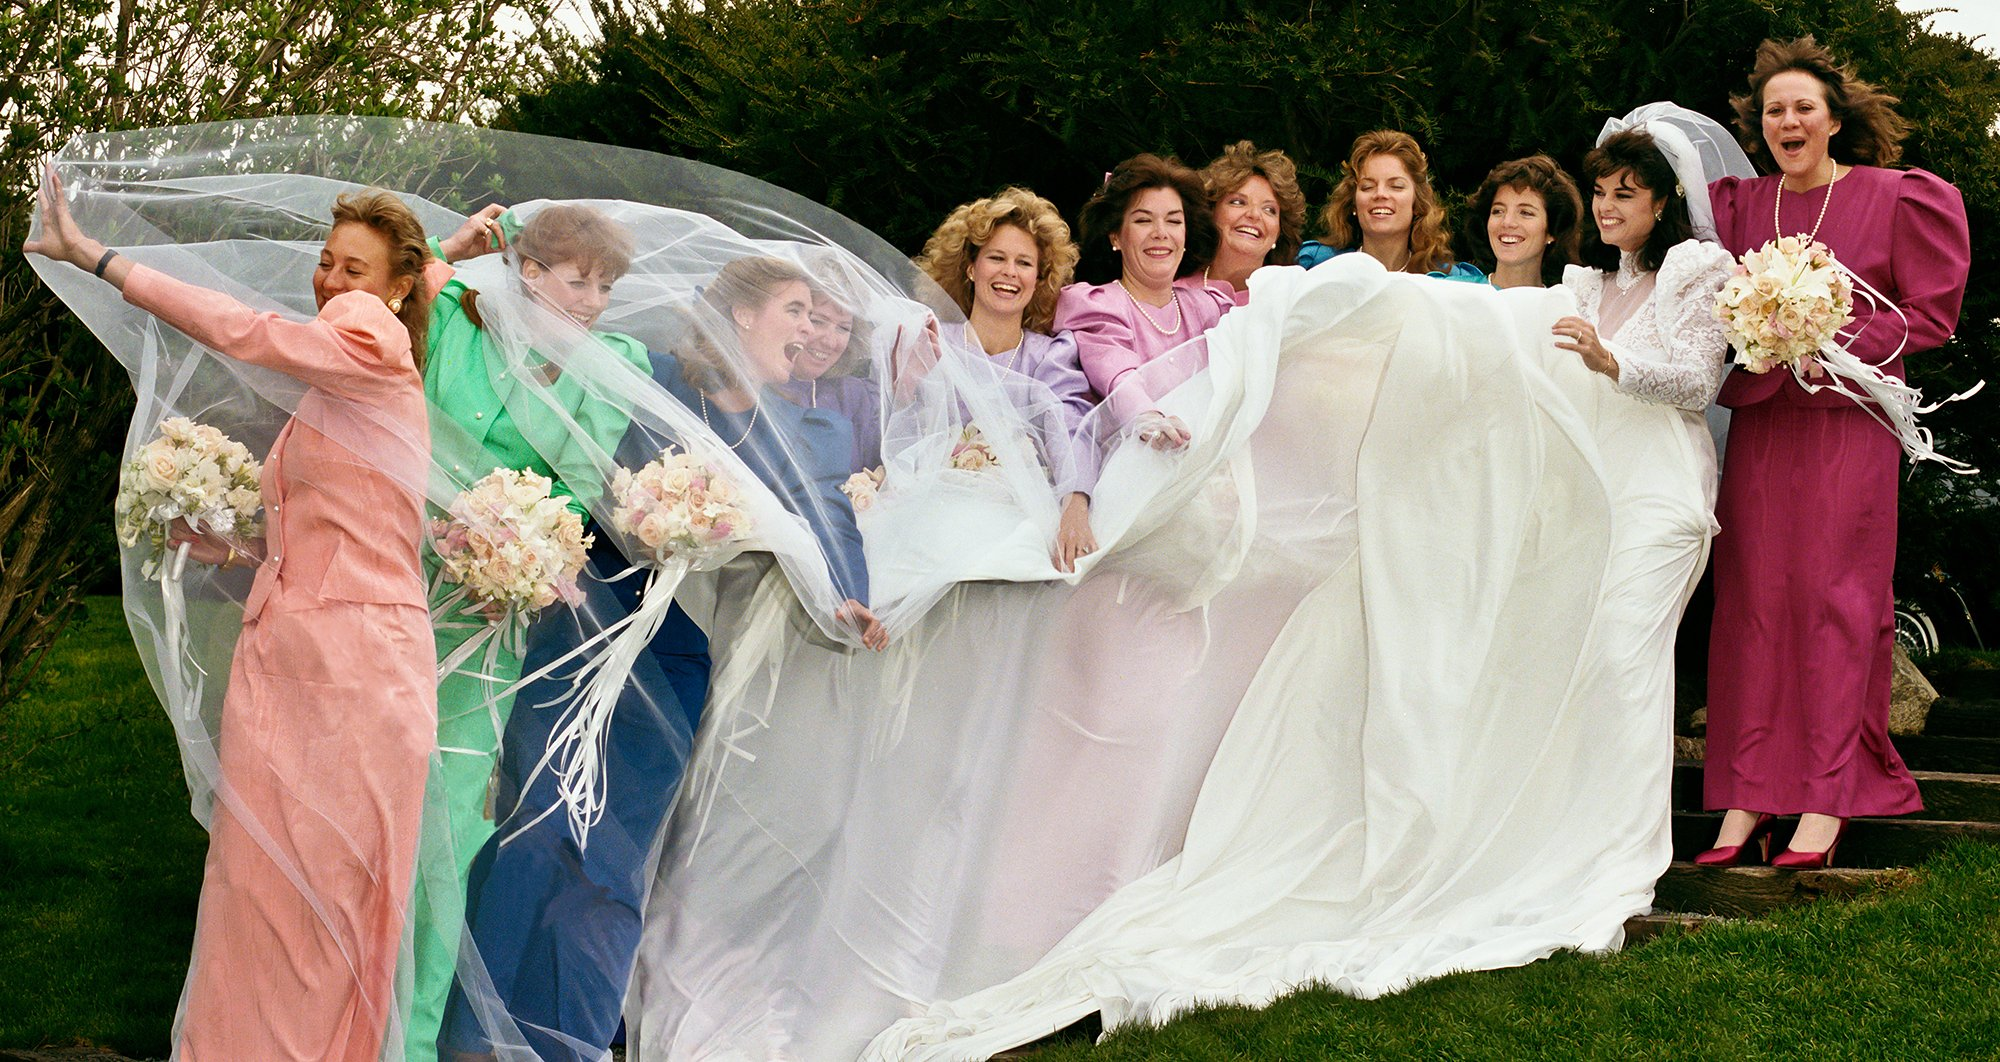 Arnold feeney wedding